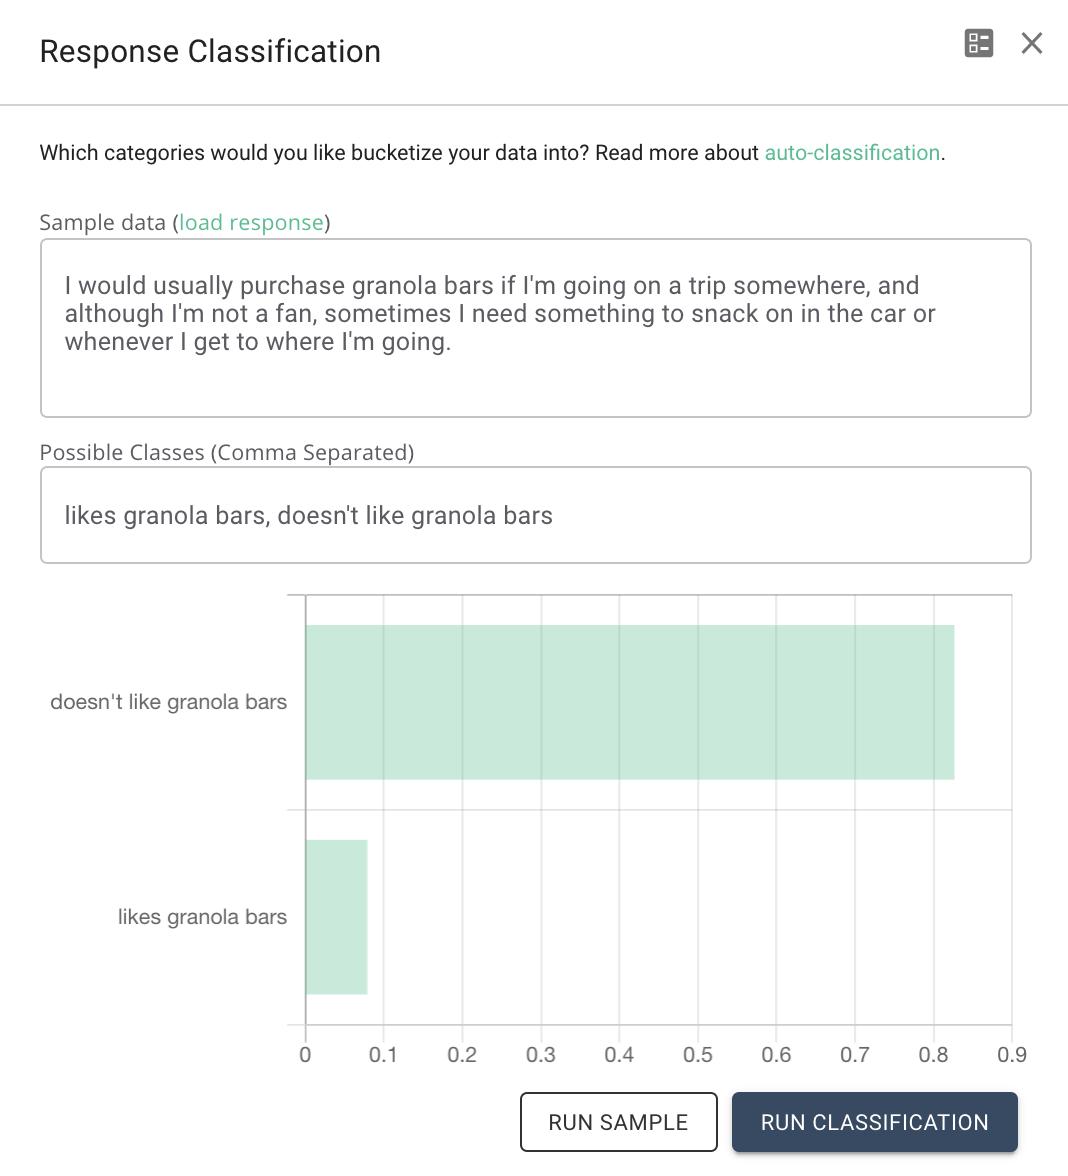 Coding a response into liking and disliking granola bars